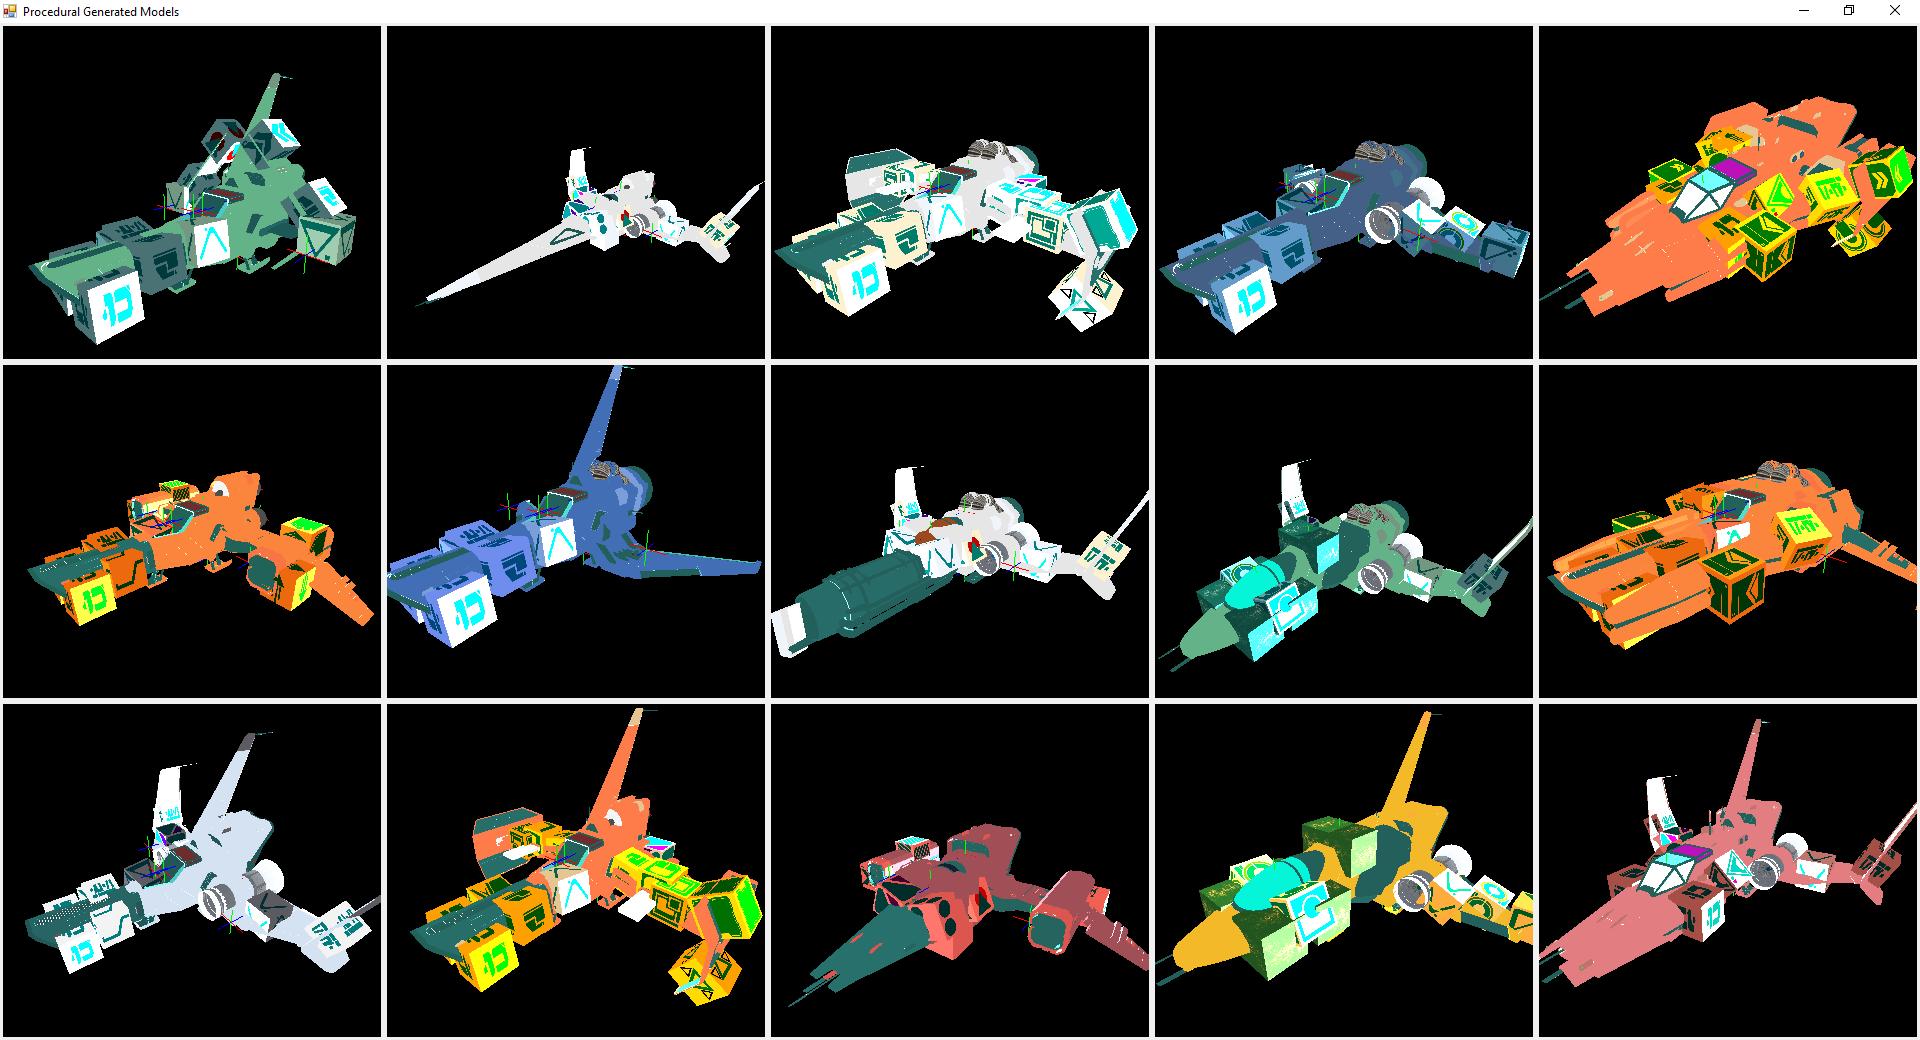 Реверс-инжиниринг процедурной генерации в No Man's Sky - 7